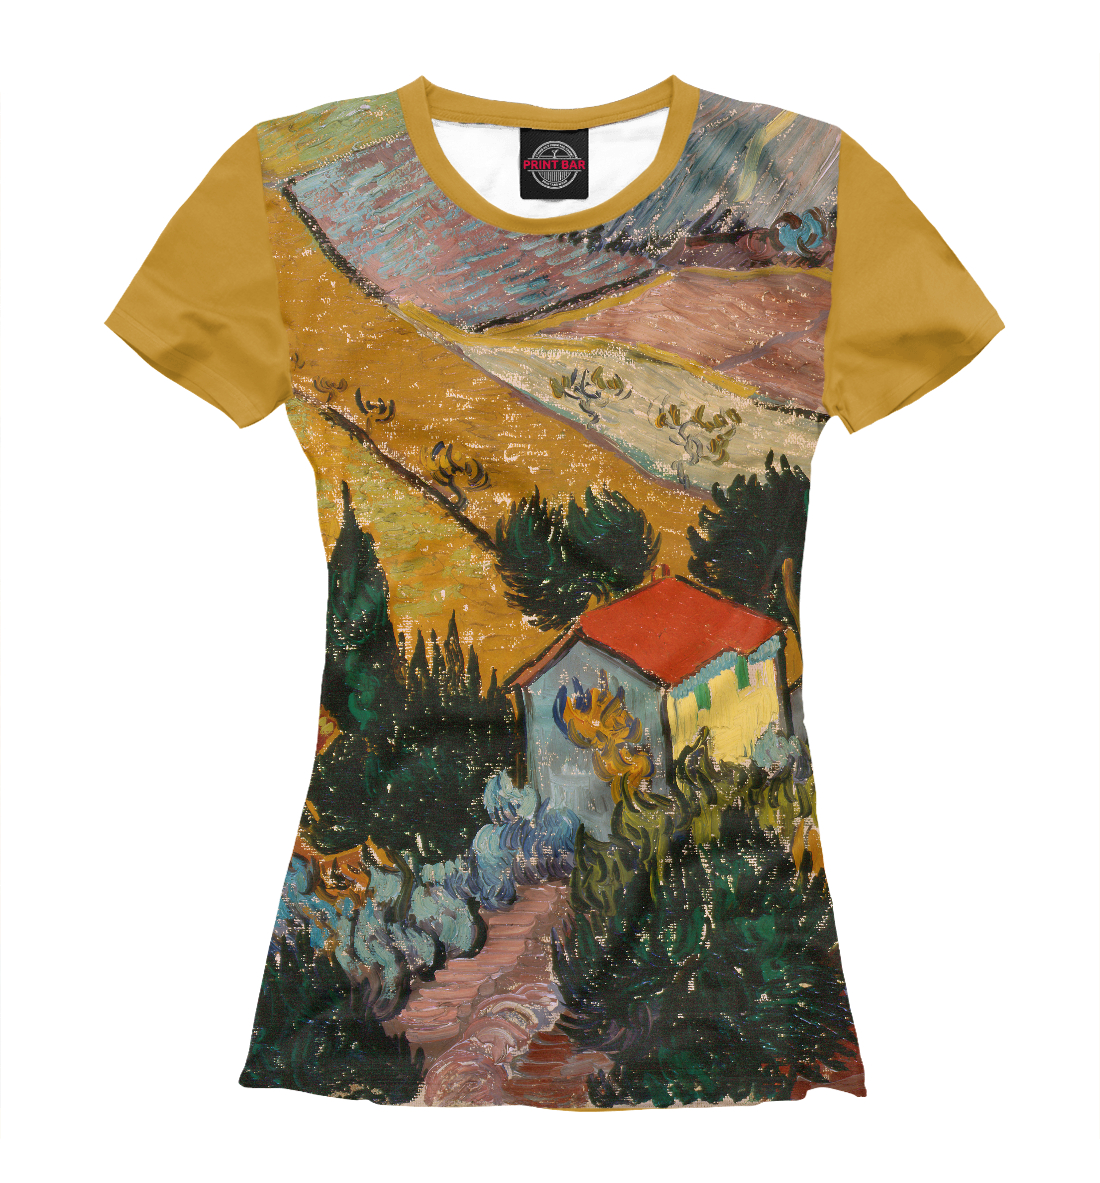 Купить Винсент ван Гог. Пейзаж с домом и пахарь, Printbar, Футболки, GHI-200148-fut-1